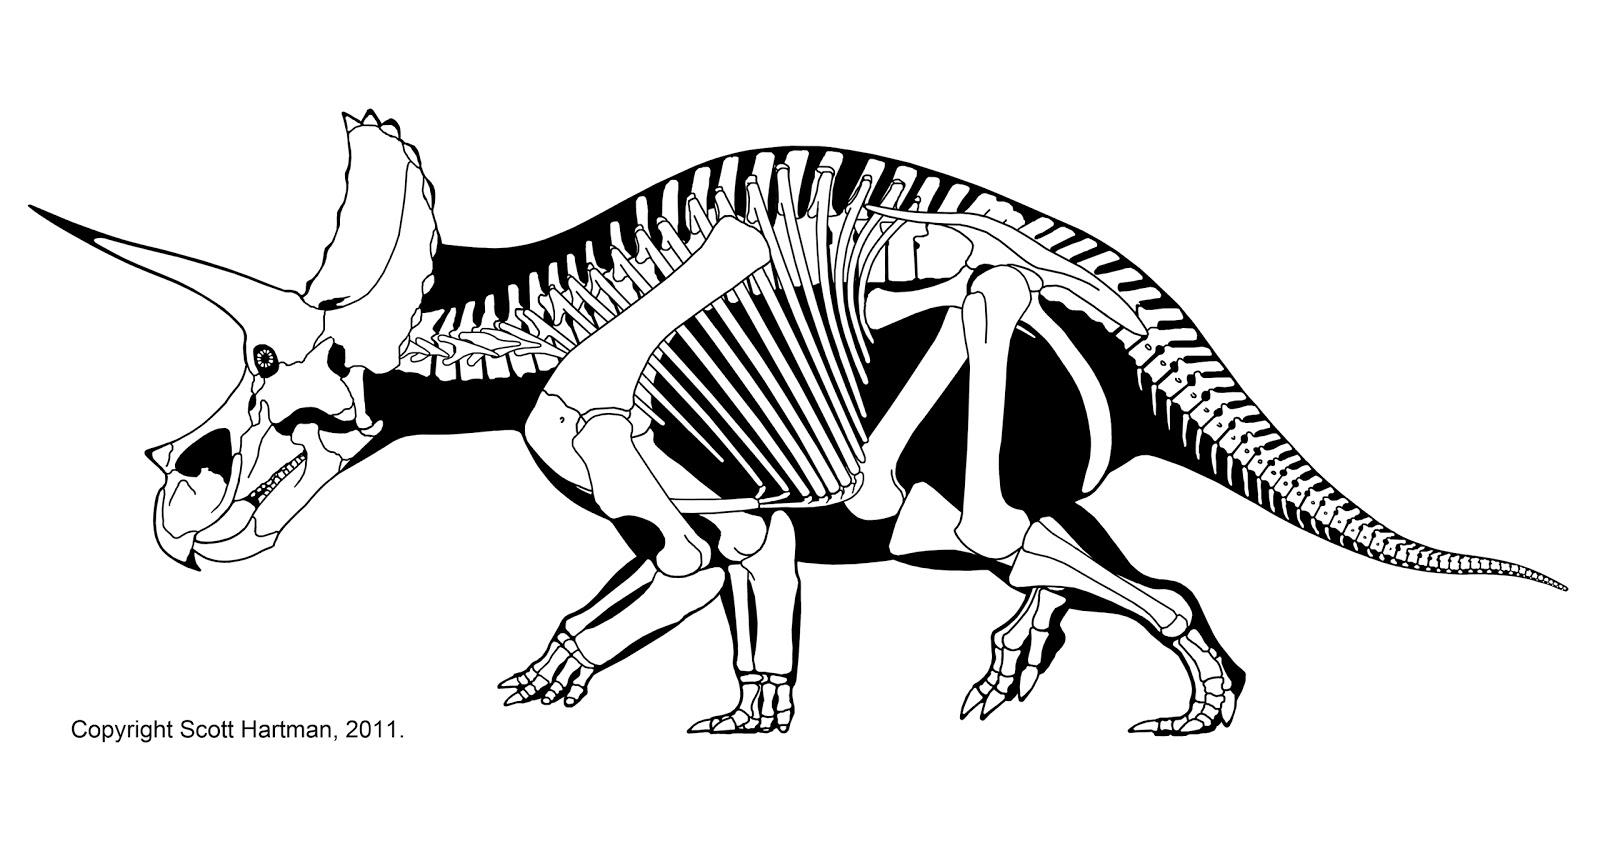 triceratop filetriceratops holotypejpg triceratop